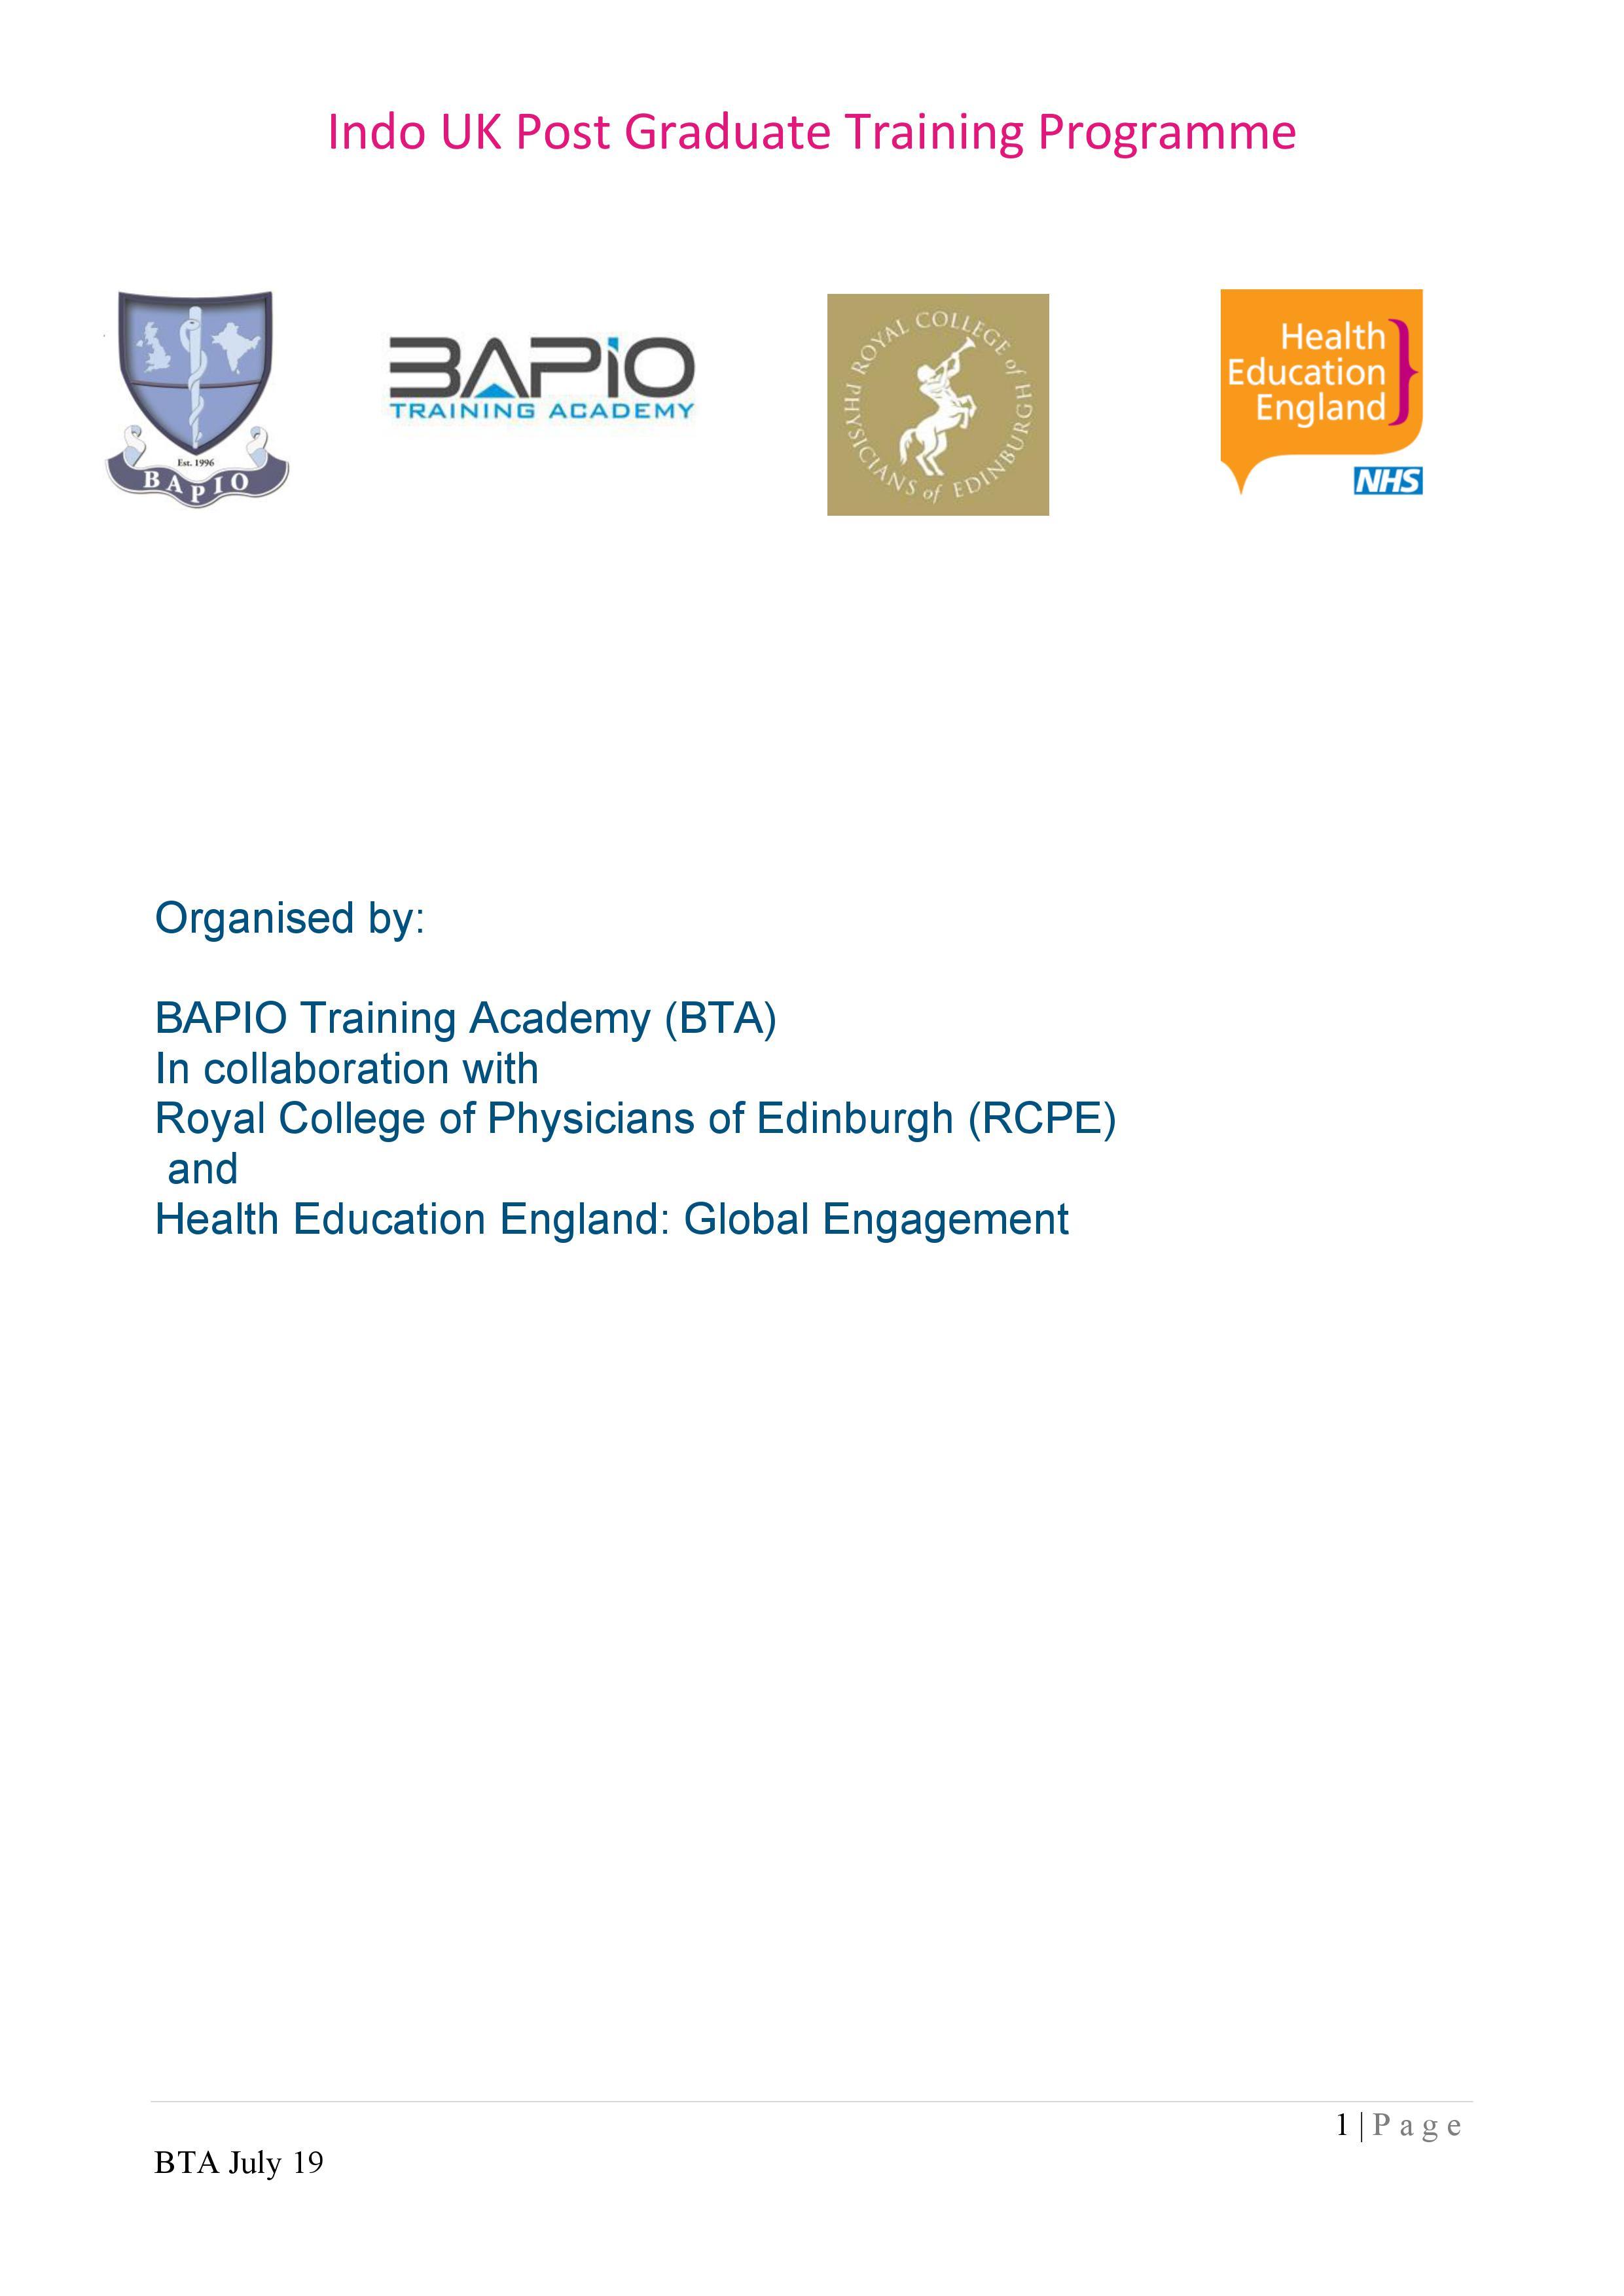 Indo UK PG Programme